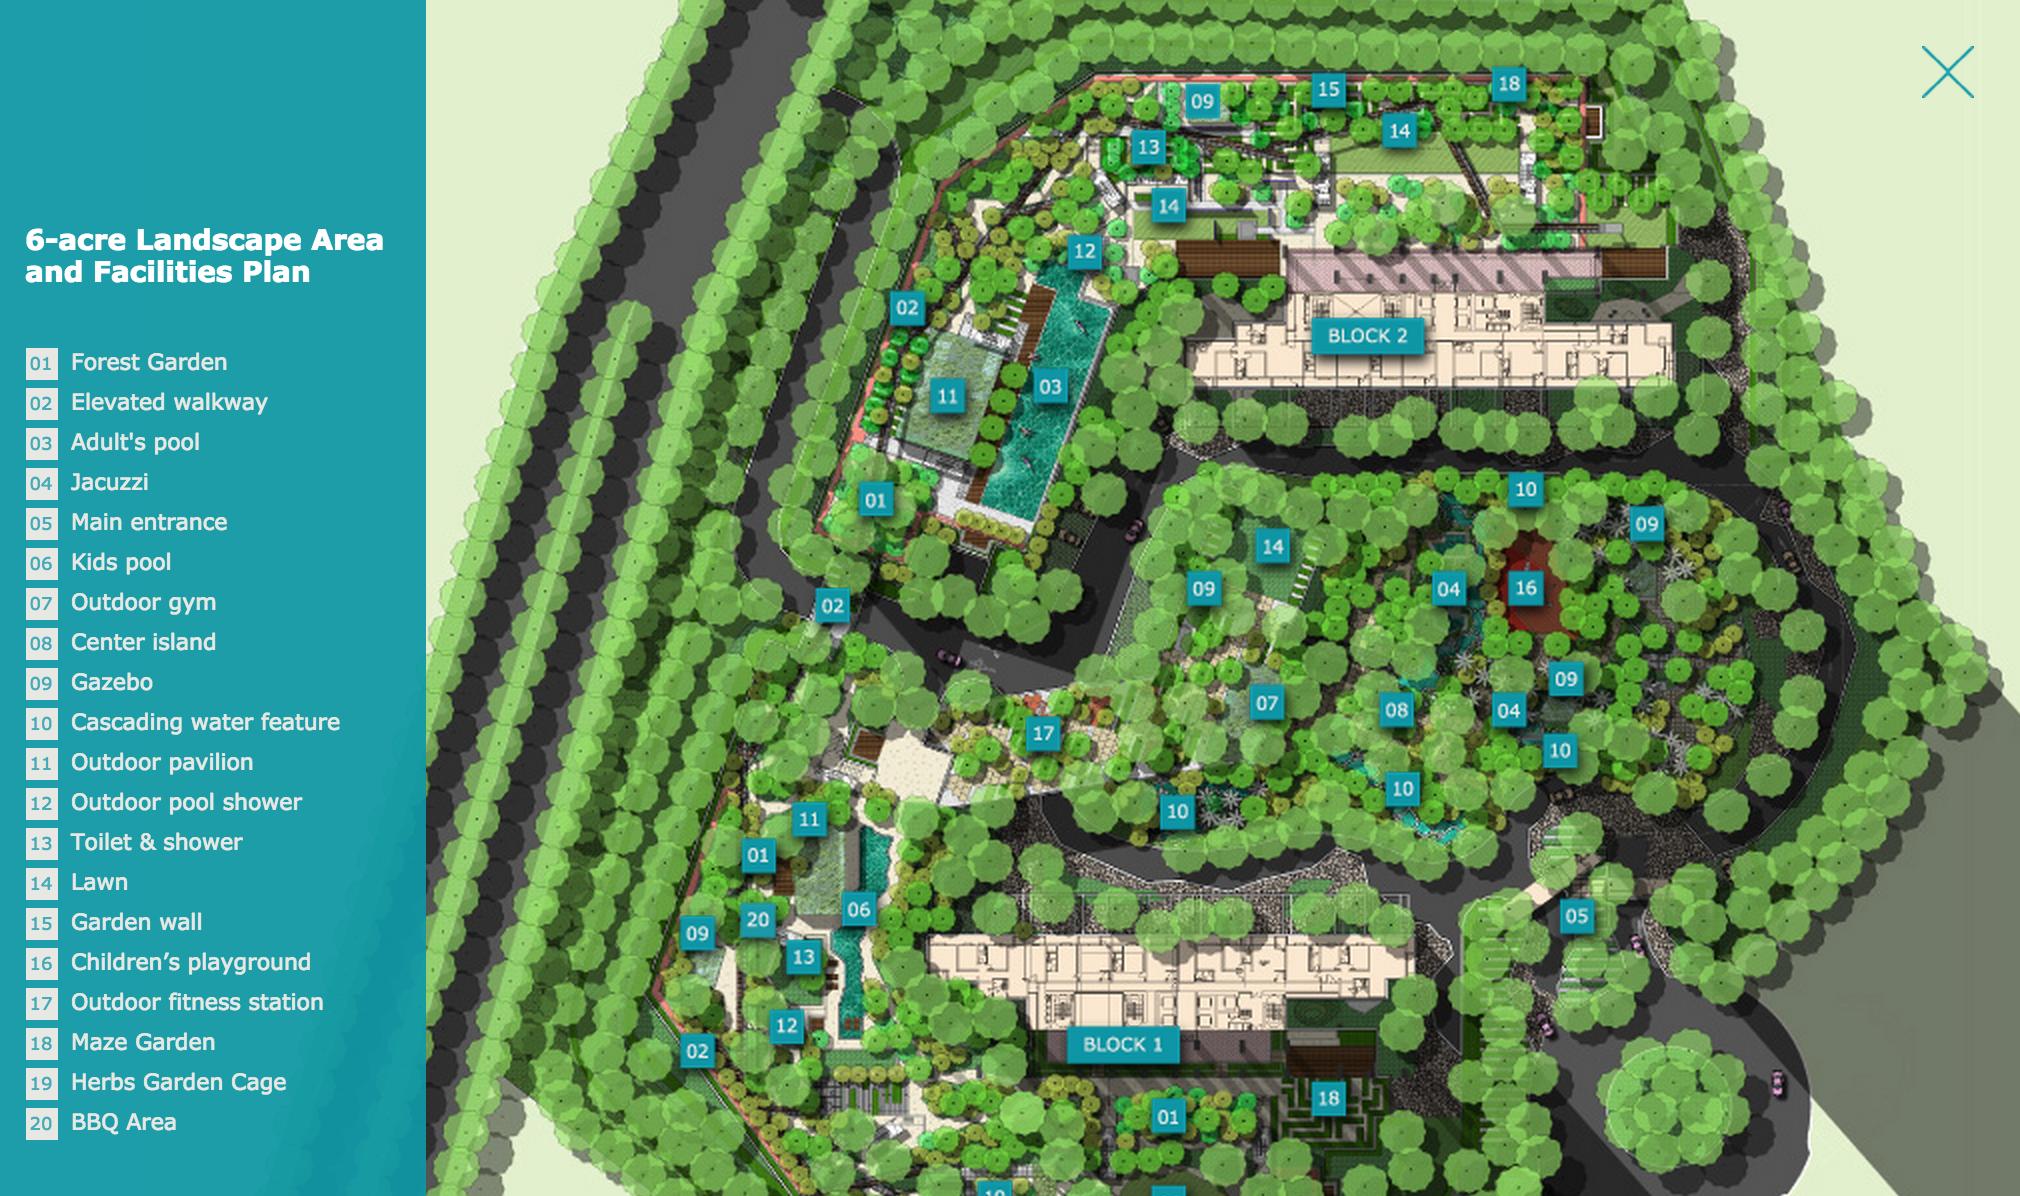 Site Plan of Verdi Eco-dominiums